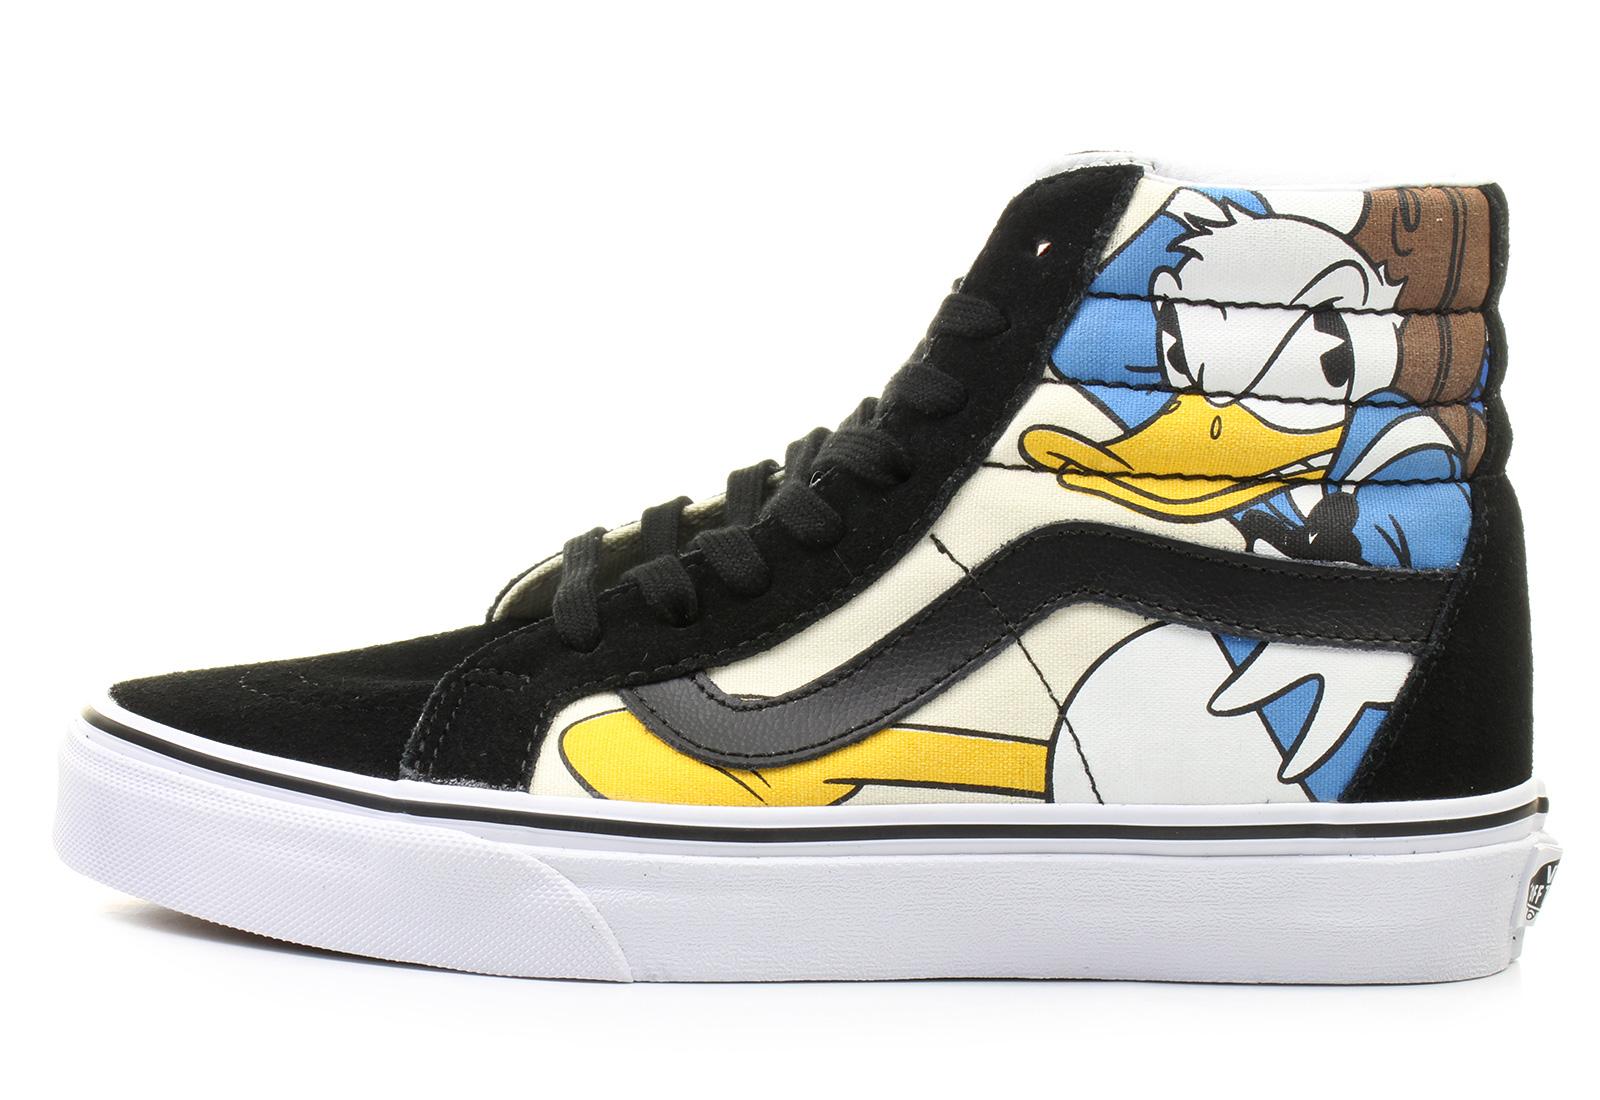 vans sneakers sk8 hi reissue vza0ghe online shop for. Black Bedroom Furniture Sets. Home Design Ideas